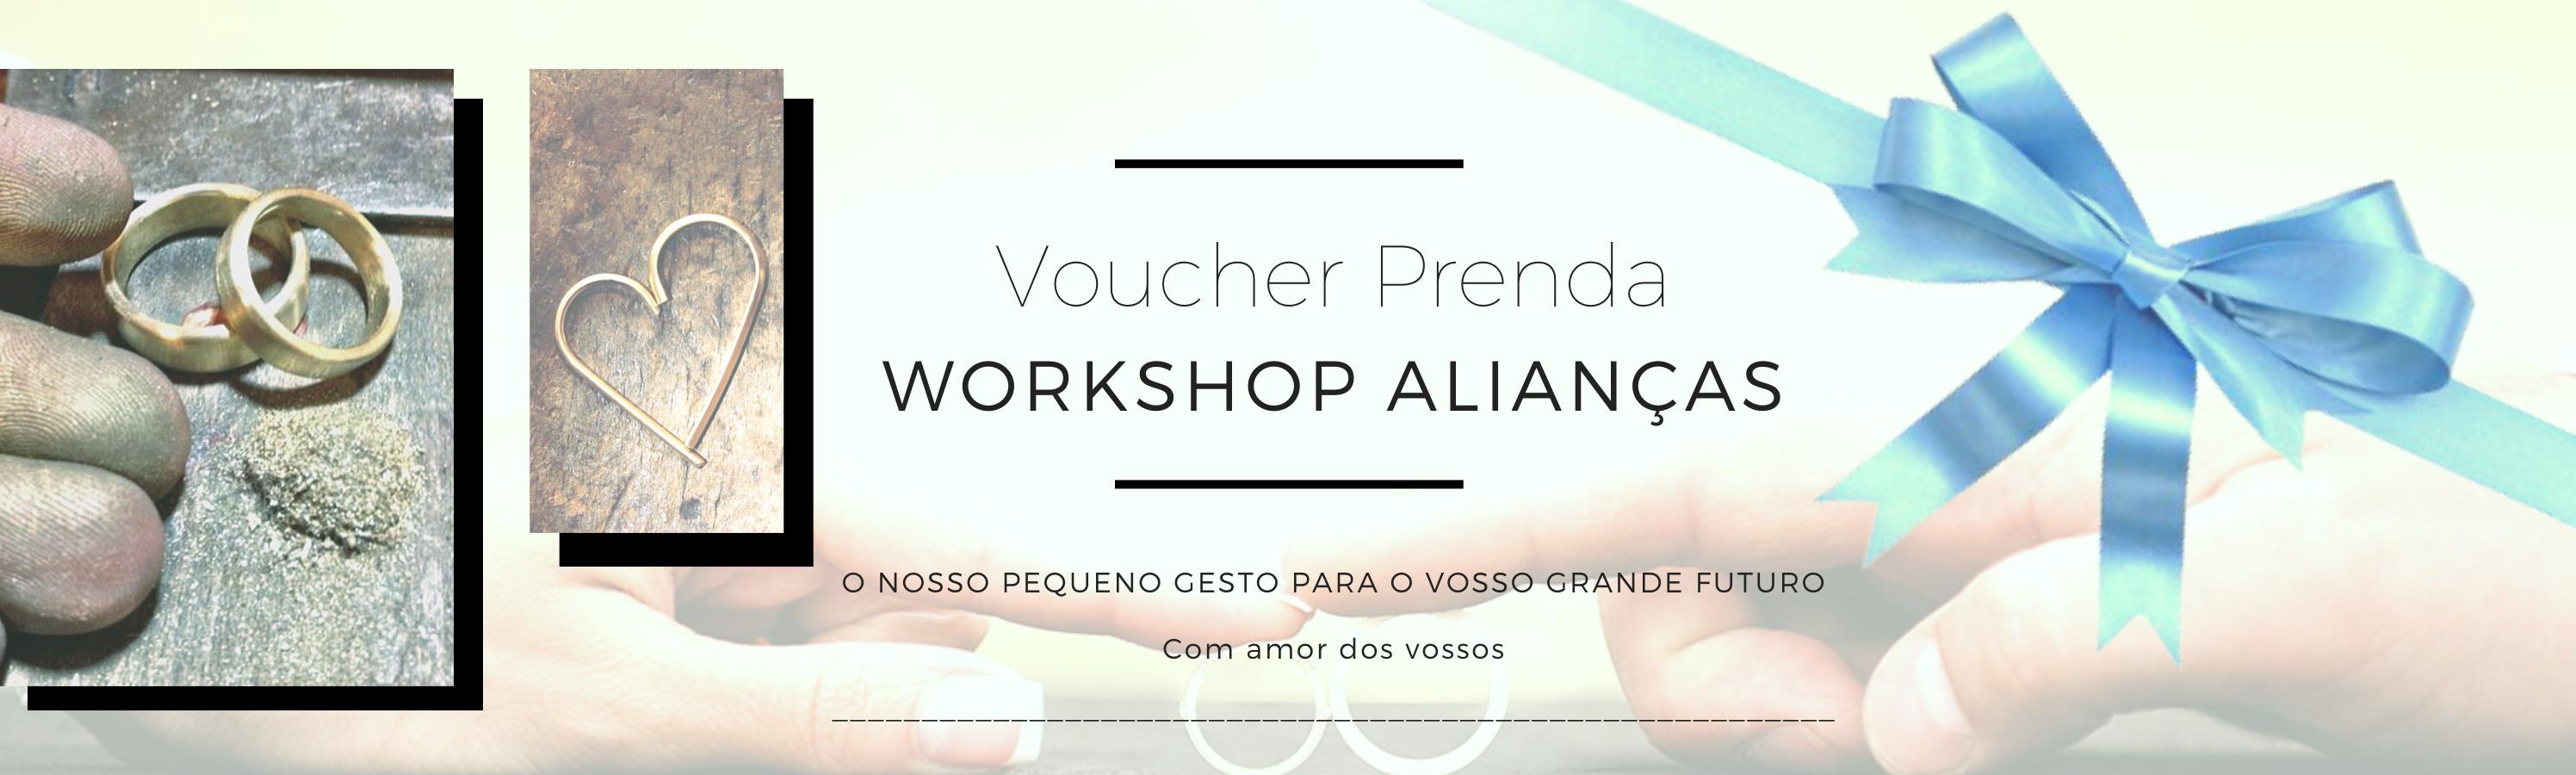 Voucher Prenda Workshop Alianças